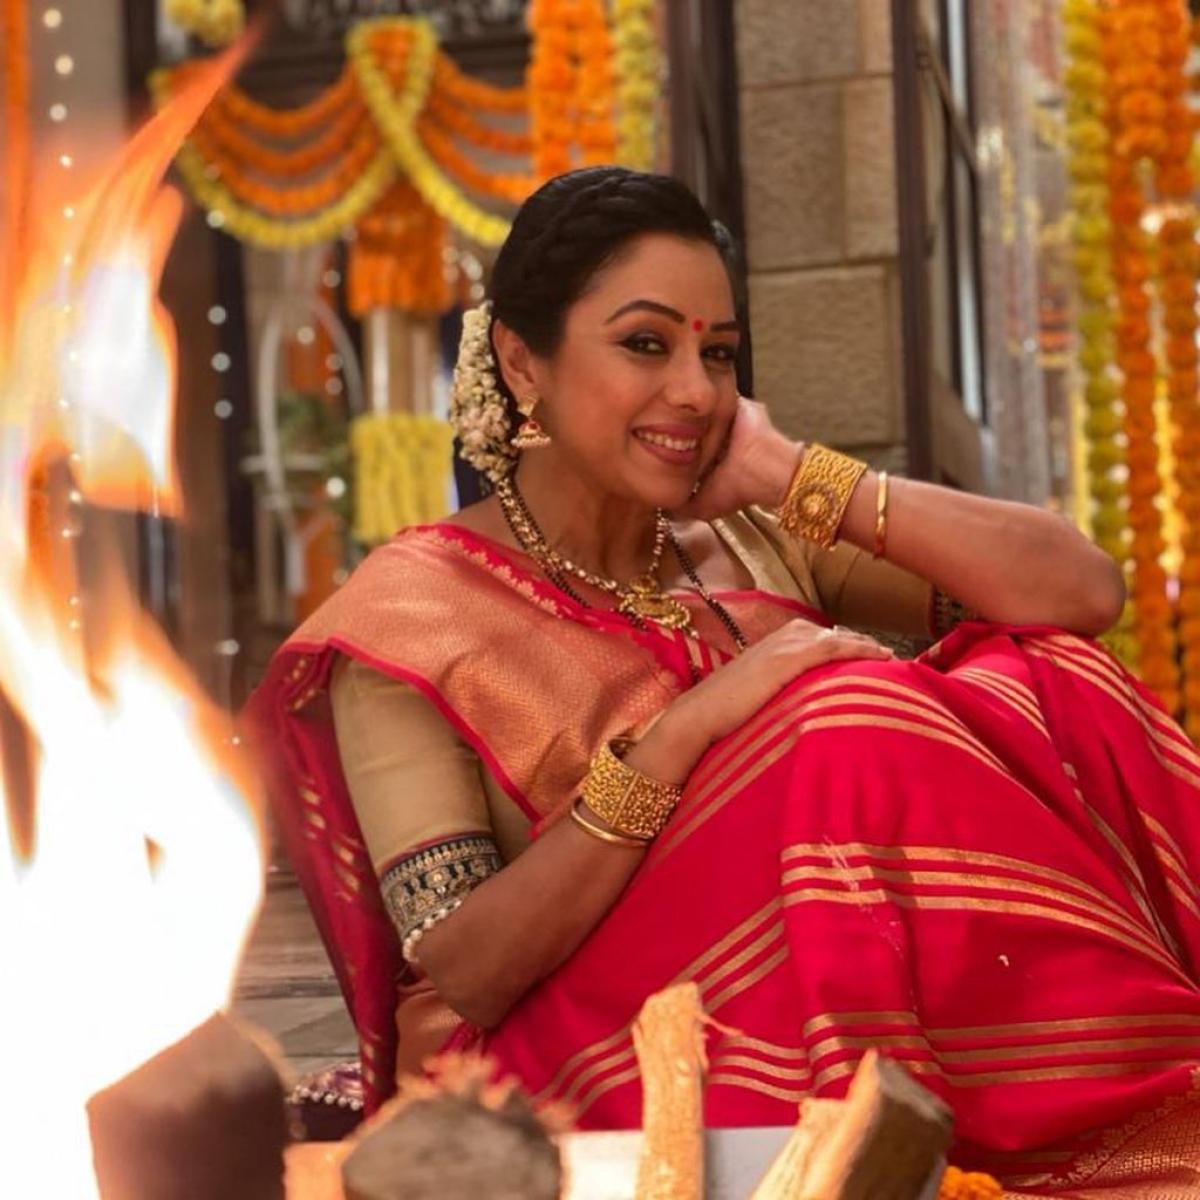 'Anupamaa' actress Rupali Ganguly tests positive for COVID-19, says 'pata nahi kahan se kaise ho gaya'